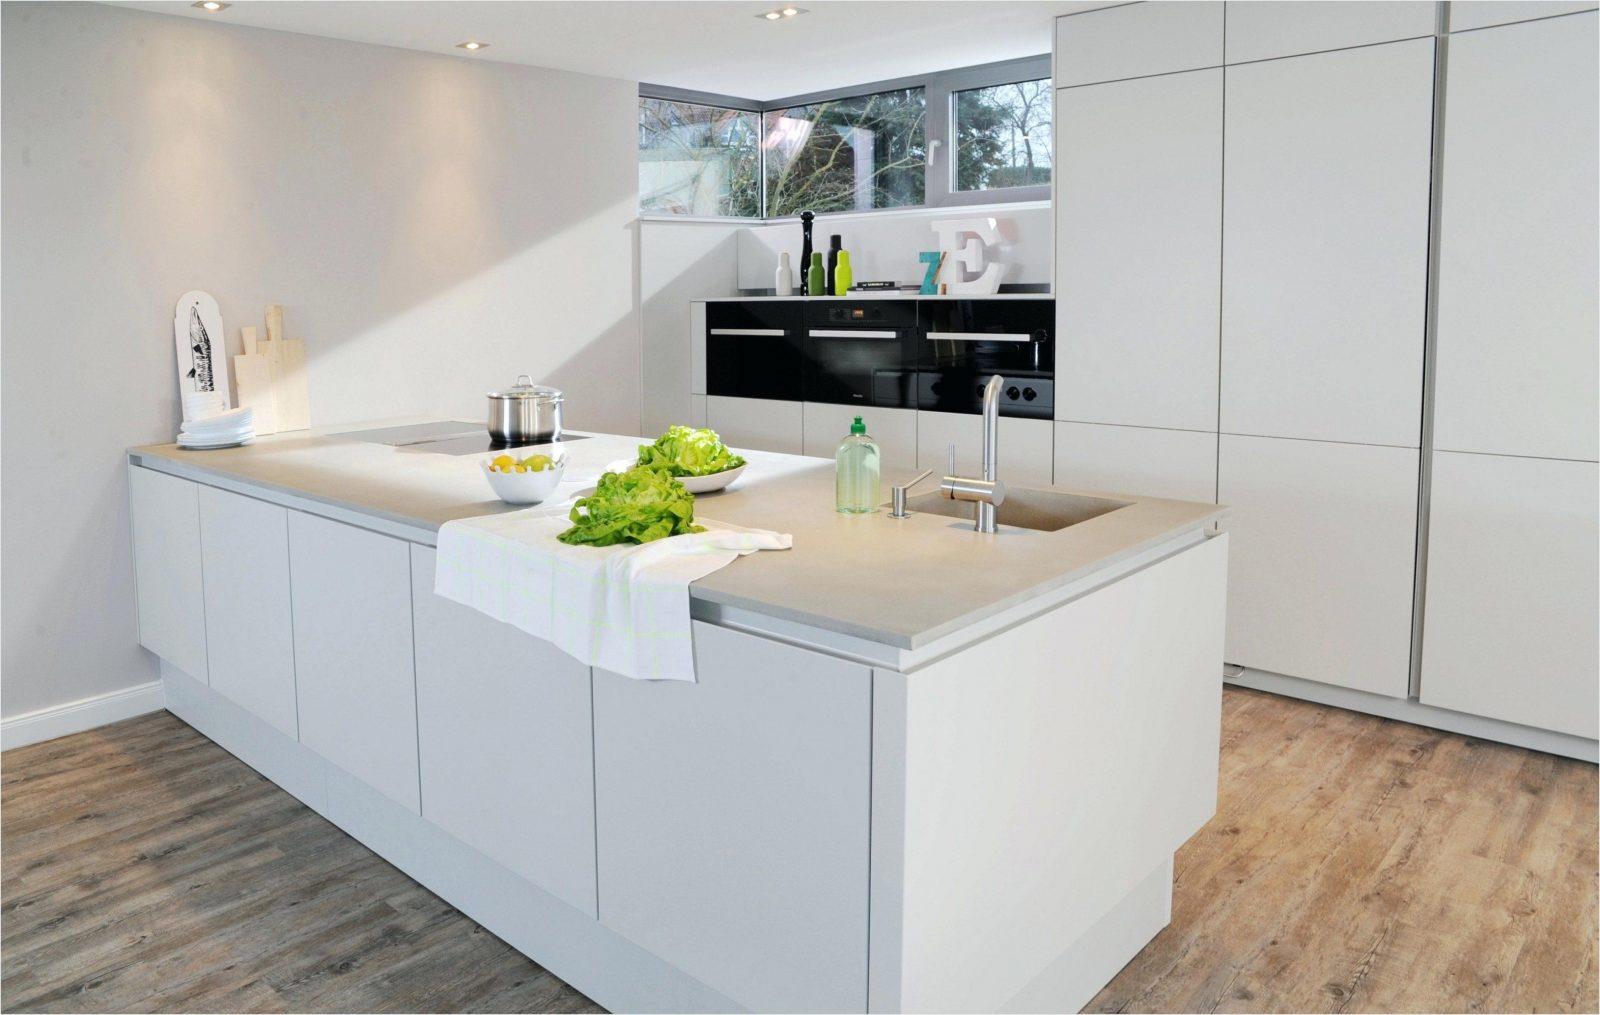 Modulküche Selber Bauen Luxus Glaspaneele Kuche Erstaunlich Von